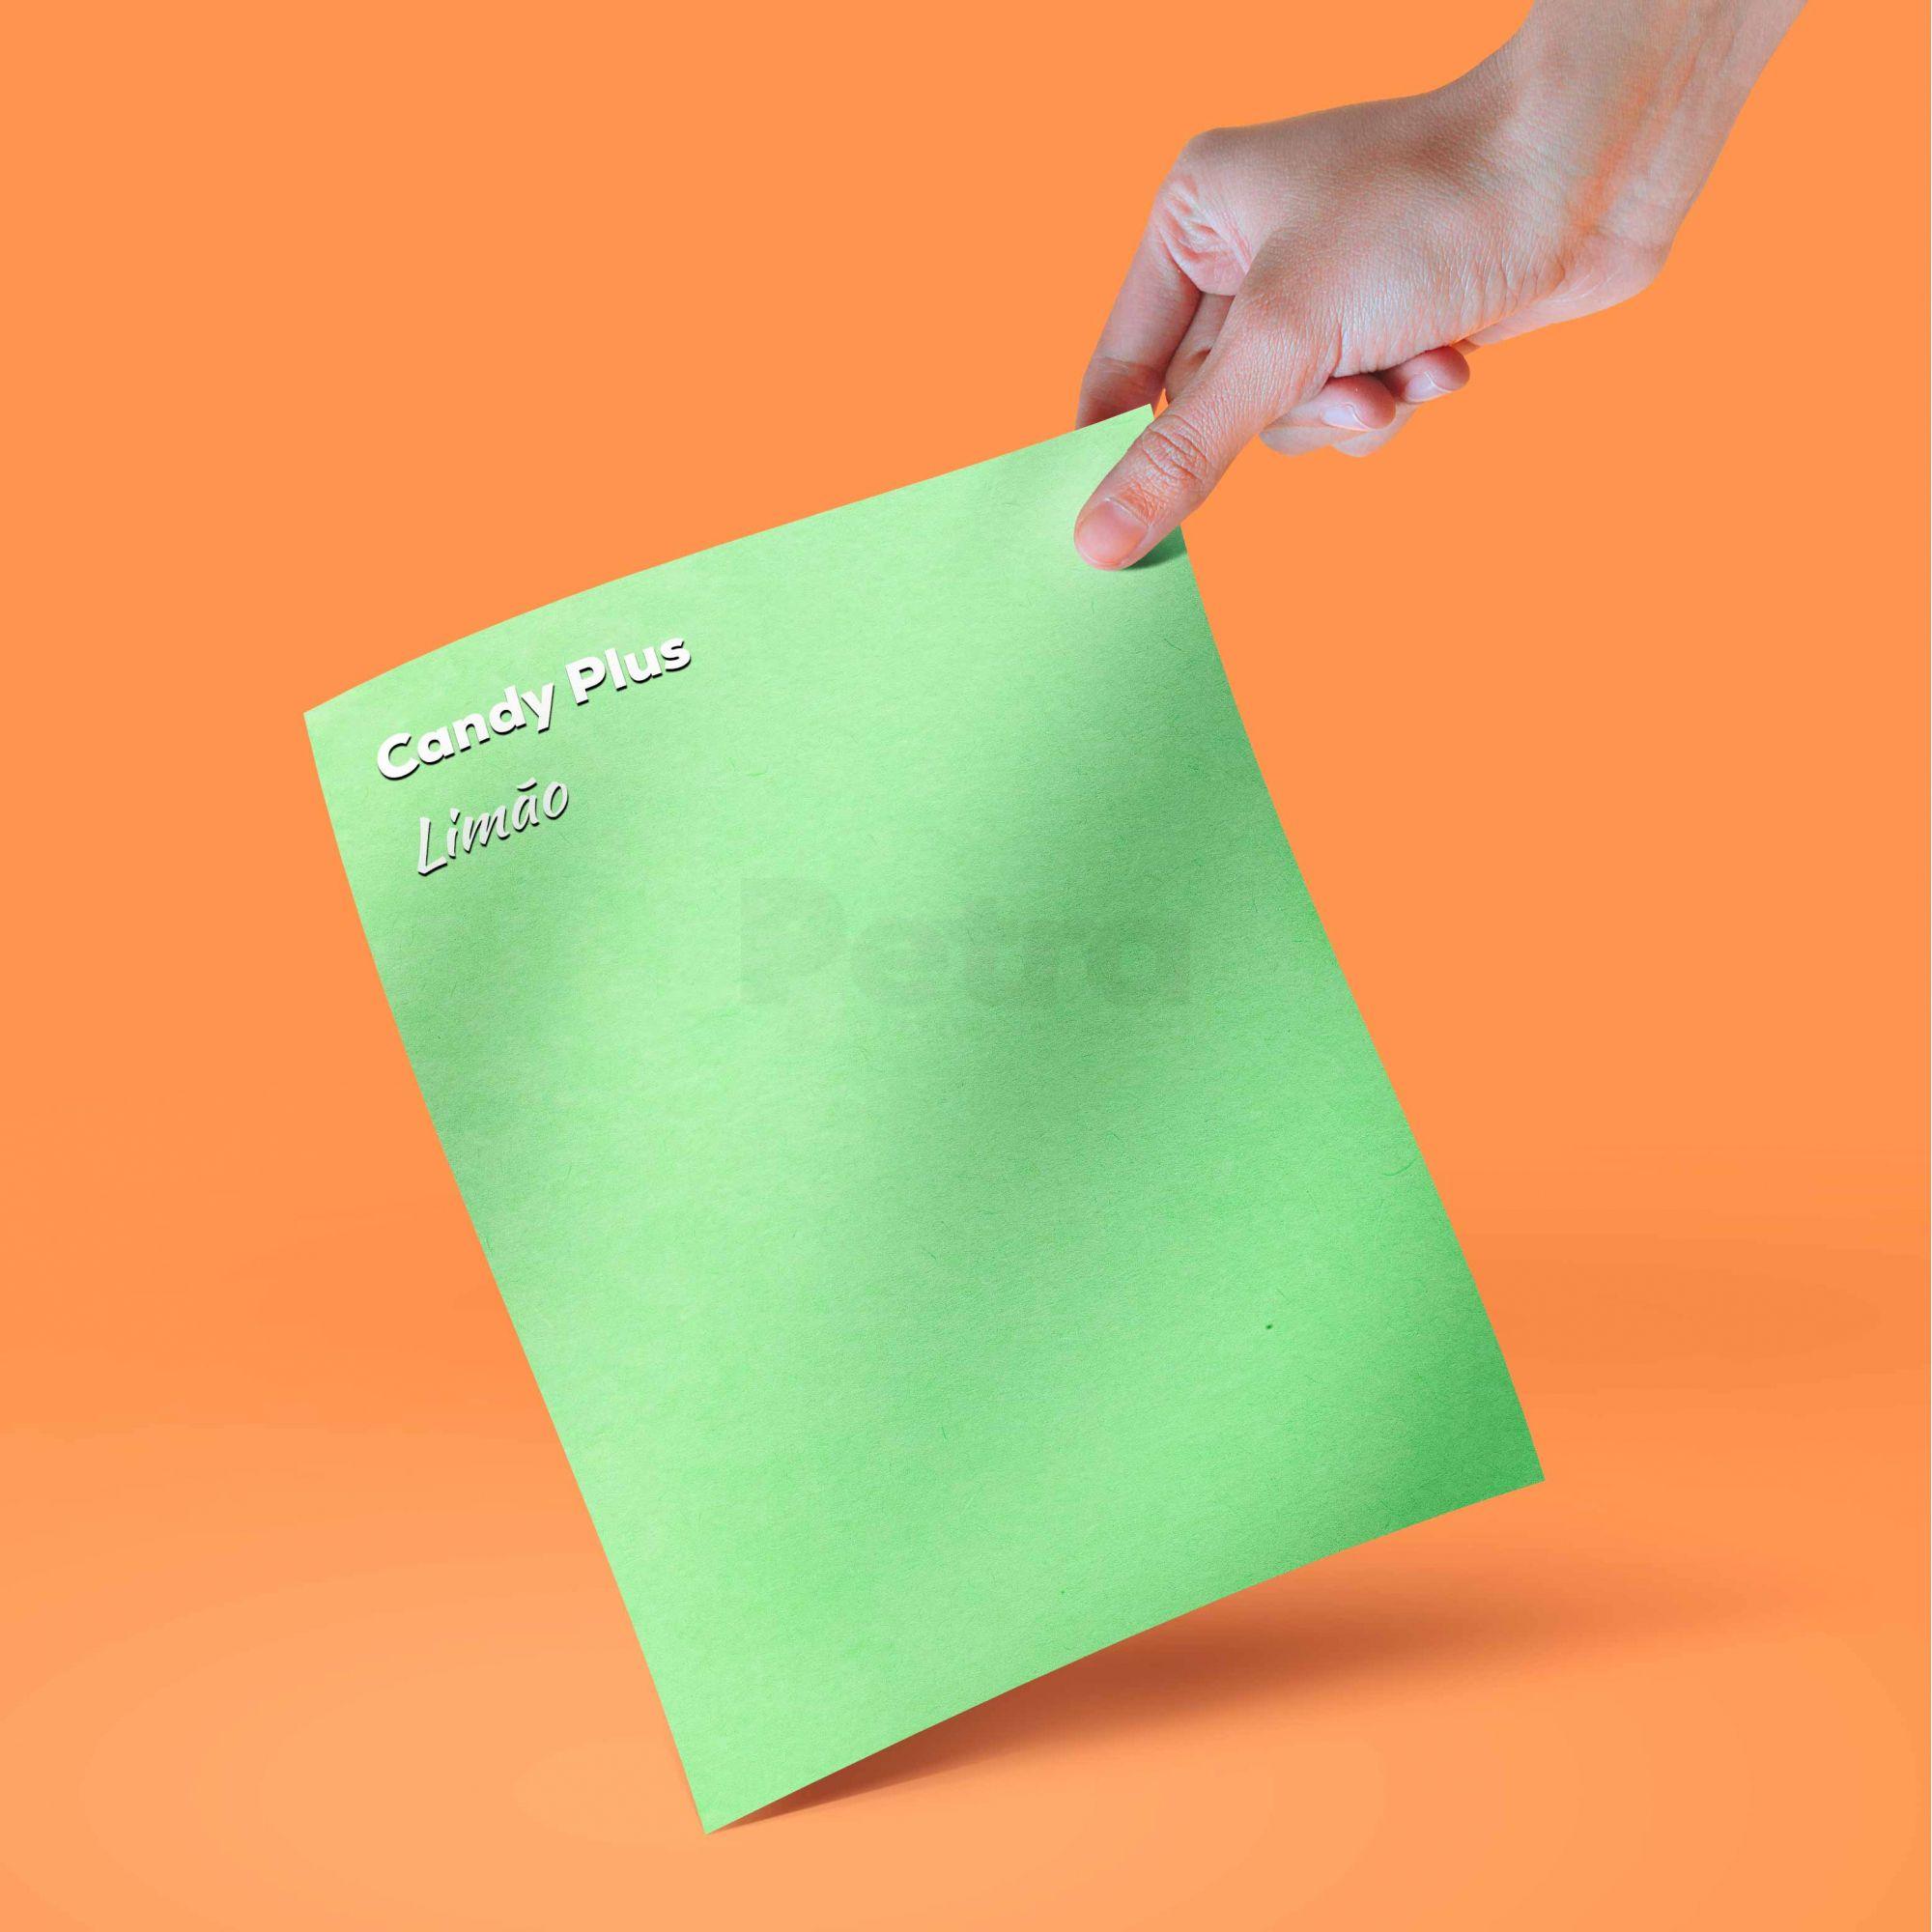 Candy Plus - Limão  - Verde - Tam. A4 - 180g/m² - 20 folhas